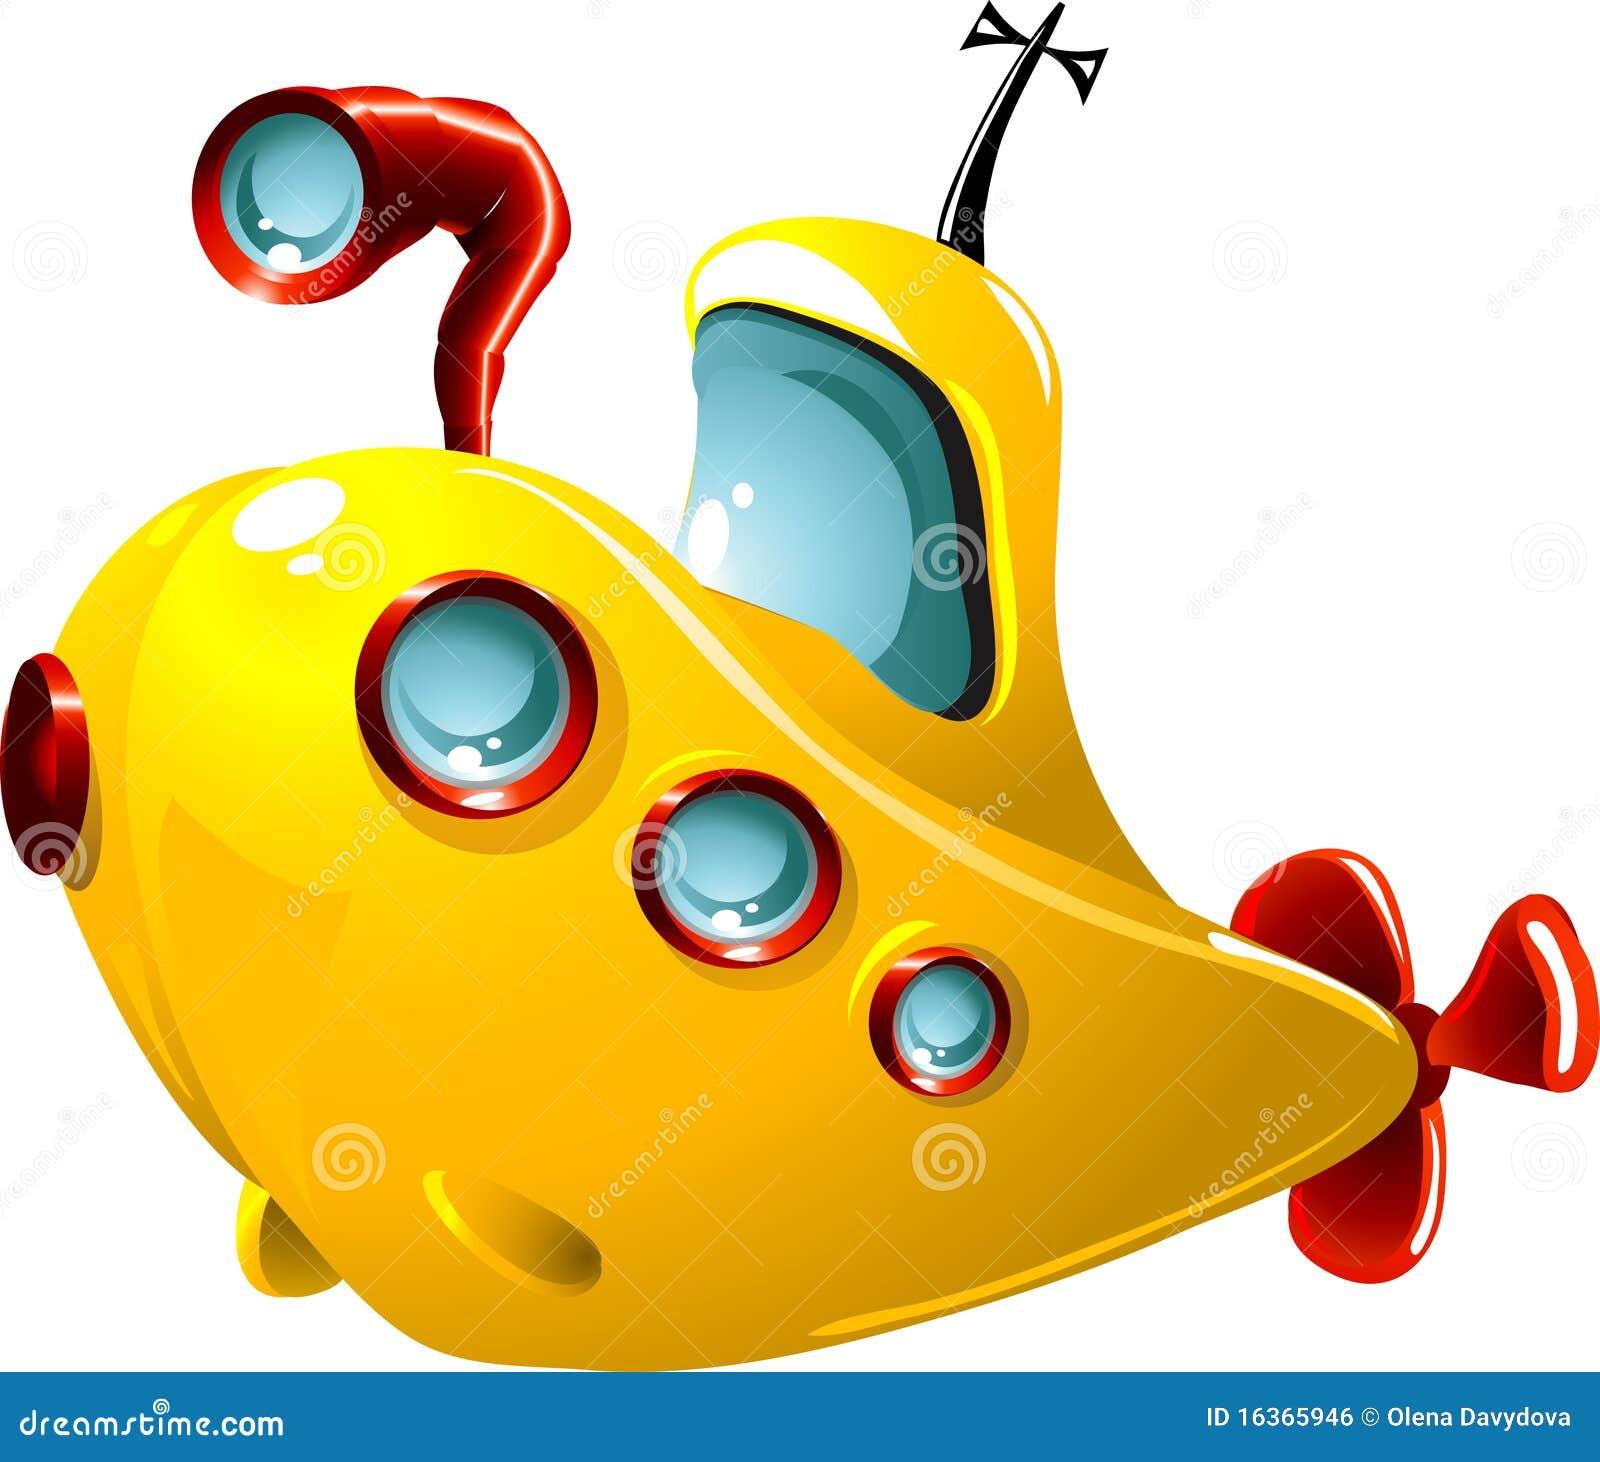 подводная лодка субмарина картинки